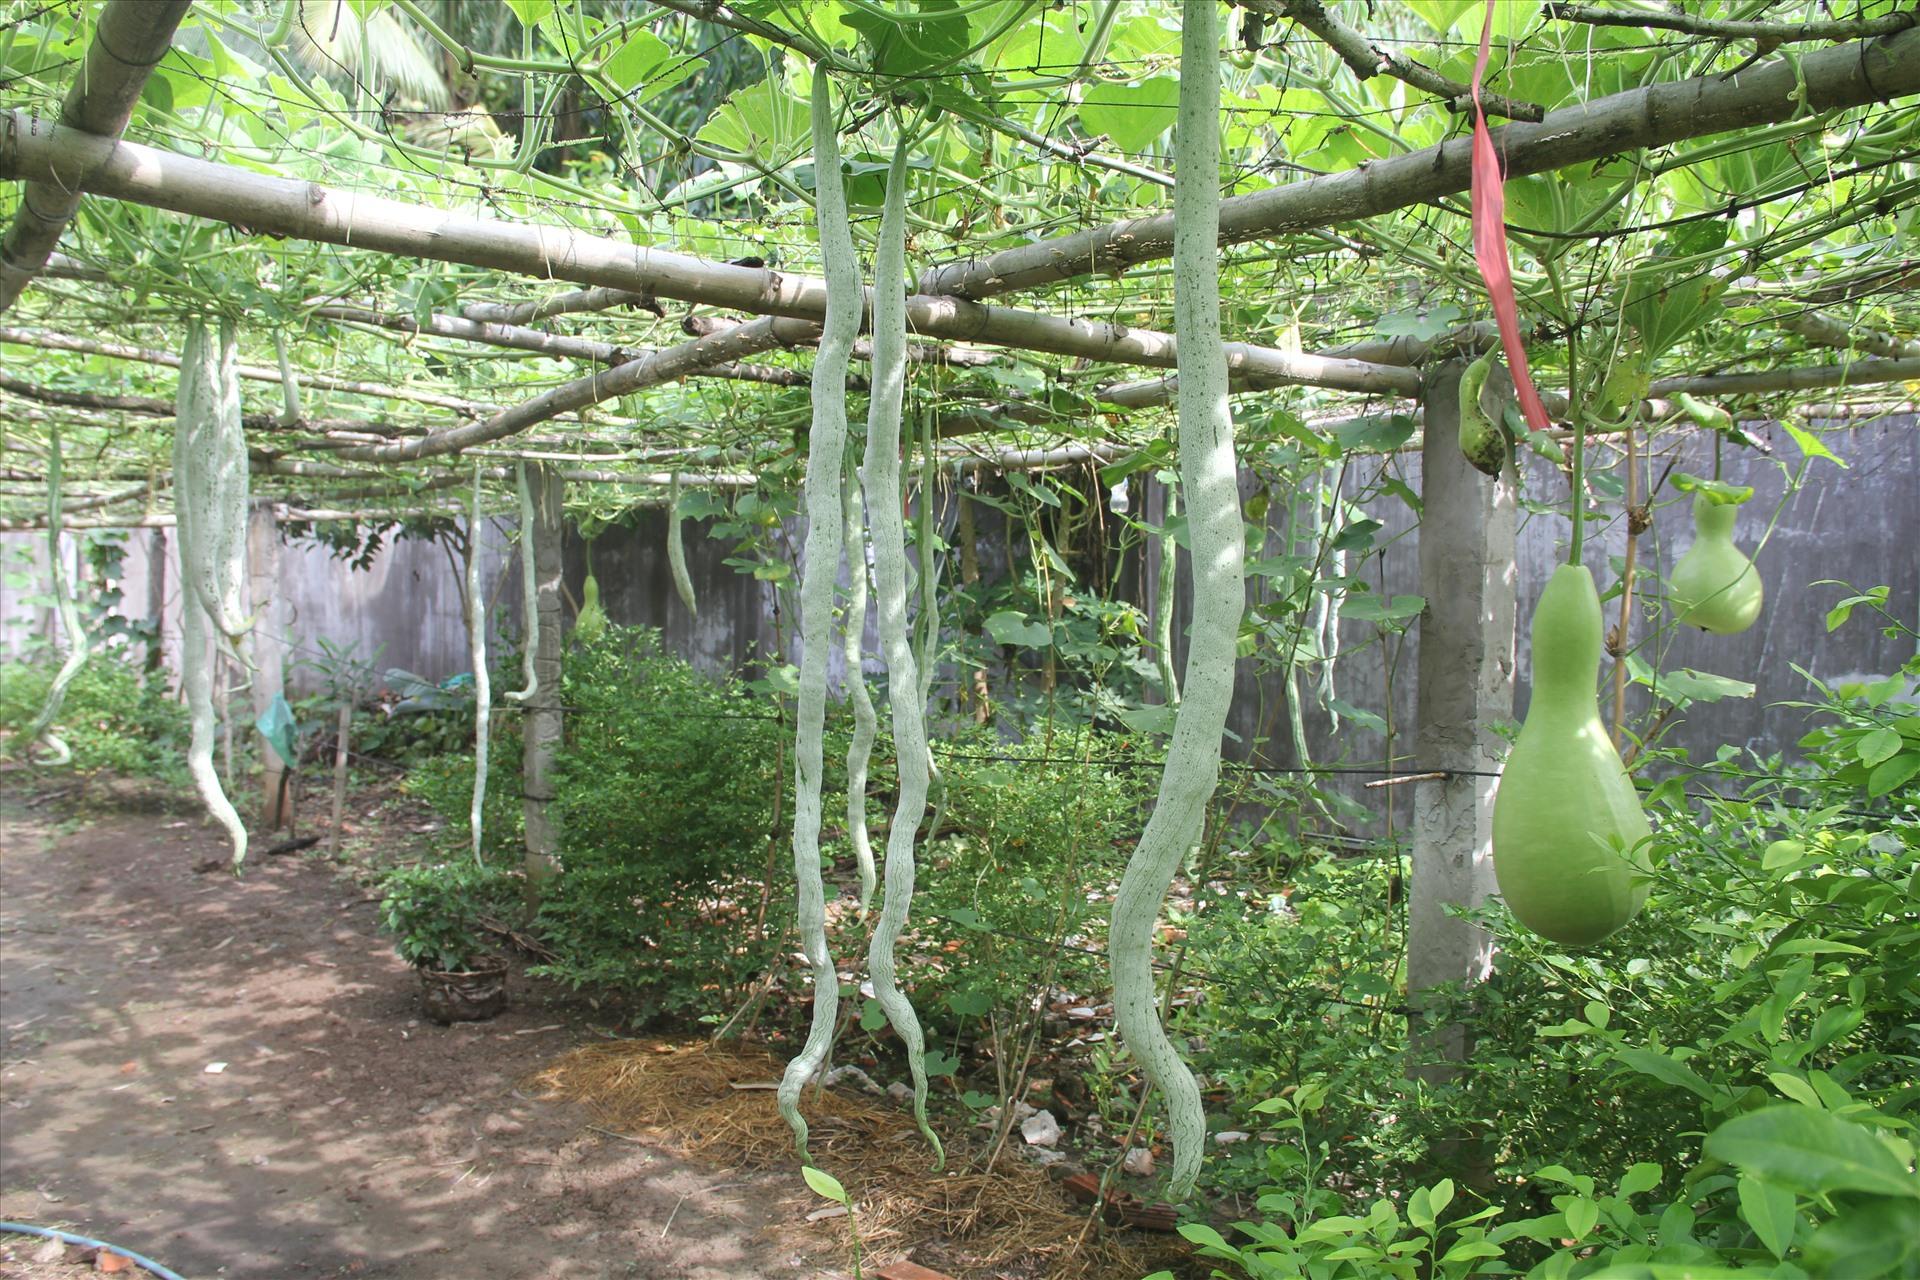 Cũng trong vườn bầu nhà ông Tài, có giống mướp đắng quả dài 2 mét. Hạt giống này là được 1 người bạn cho.